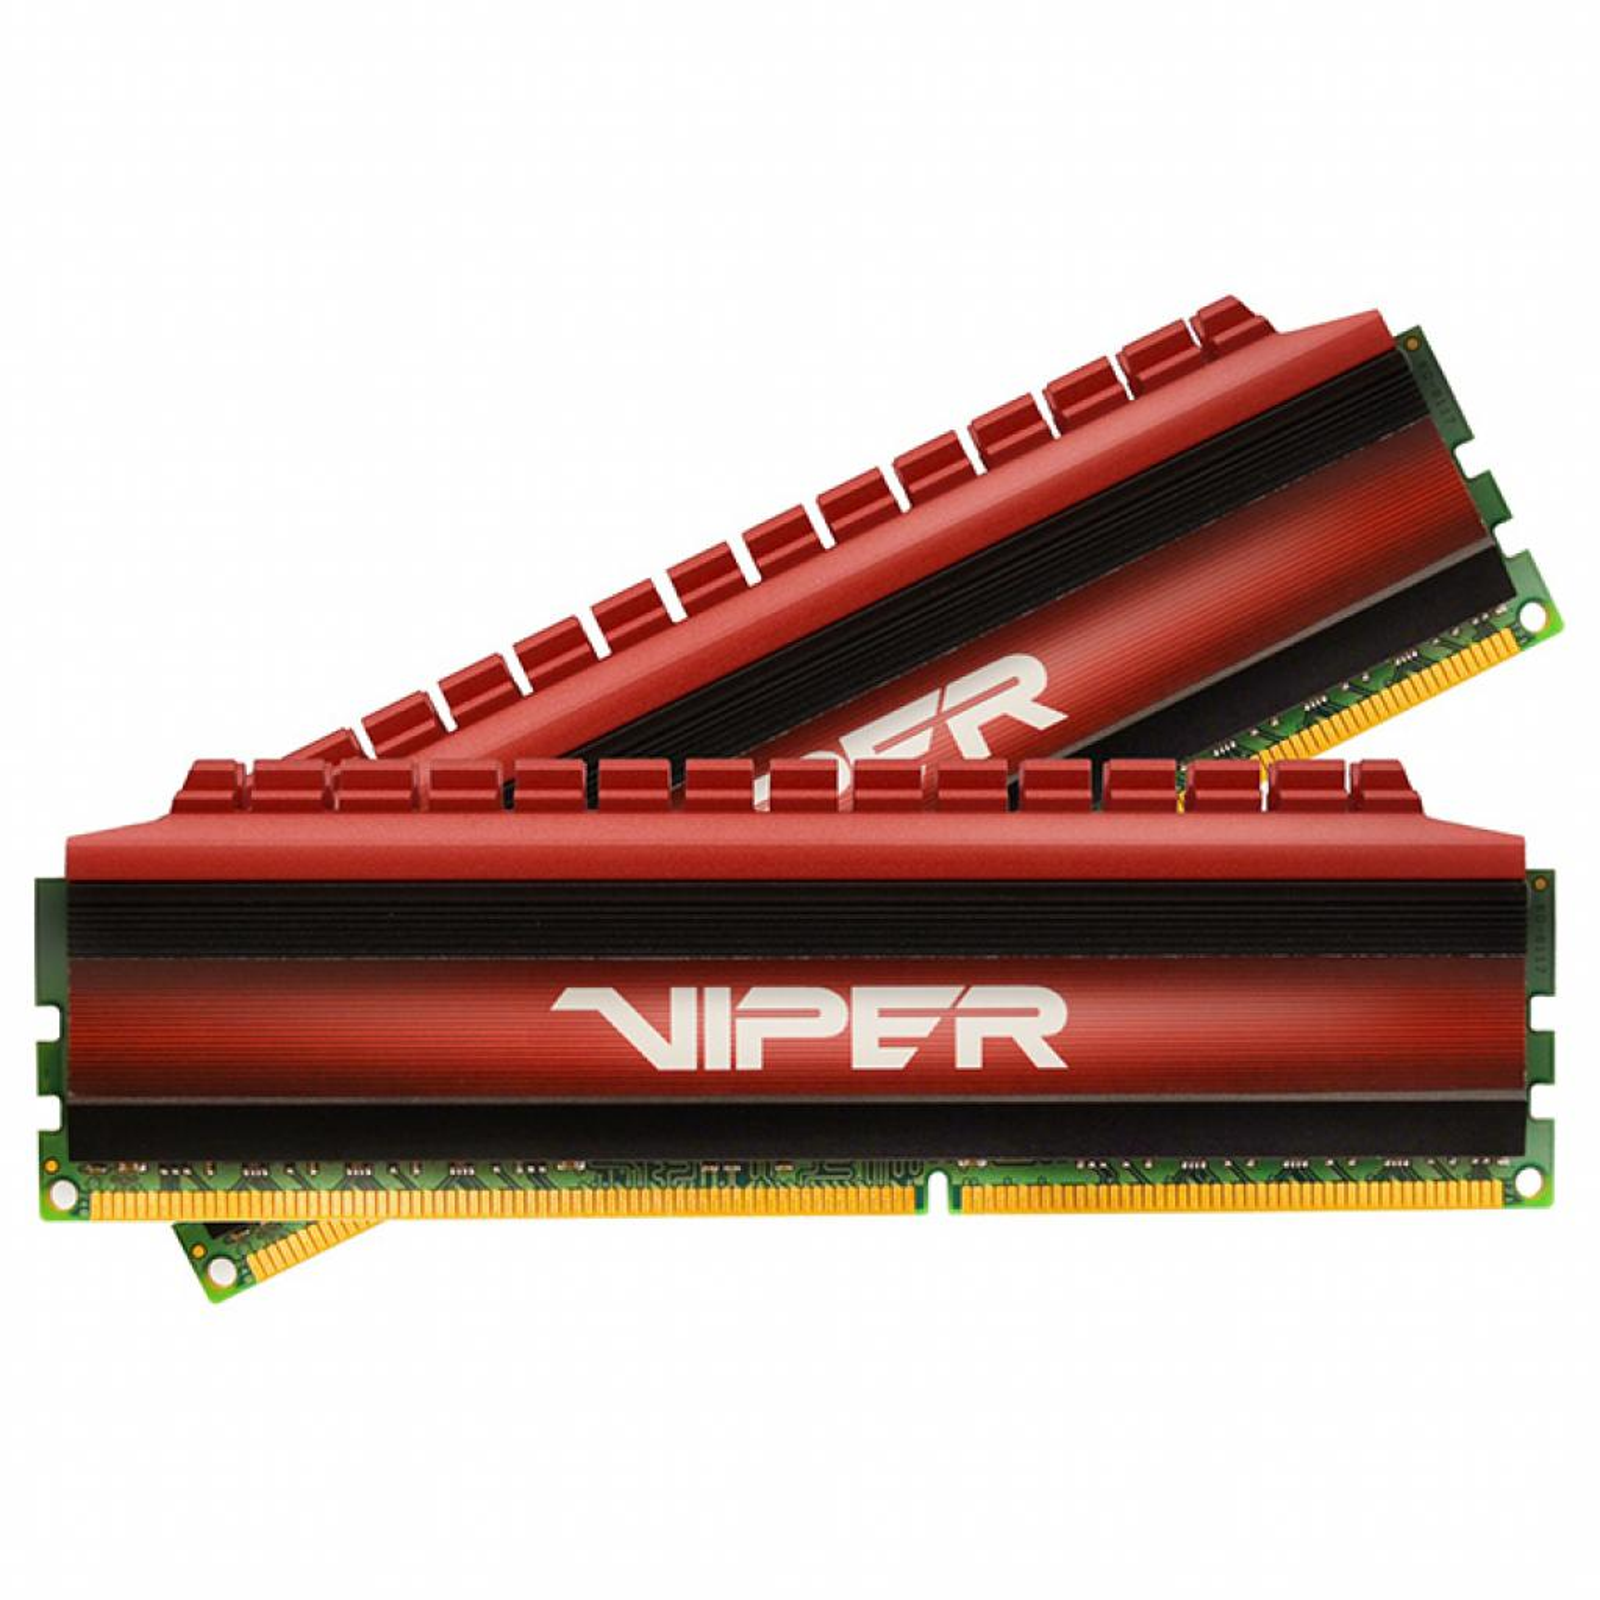 Модуль памяти для компьютера DDR4 32GB (2x16GB) 2666 MHz Viper 4 Patriot (PV432G266C5K) изображение 2